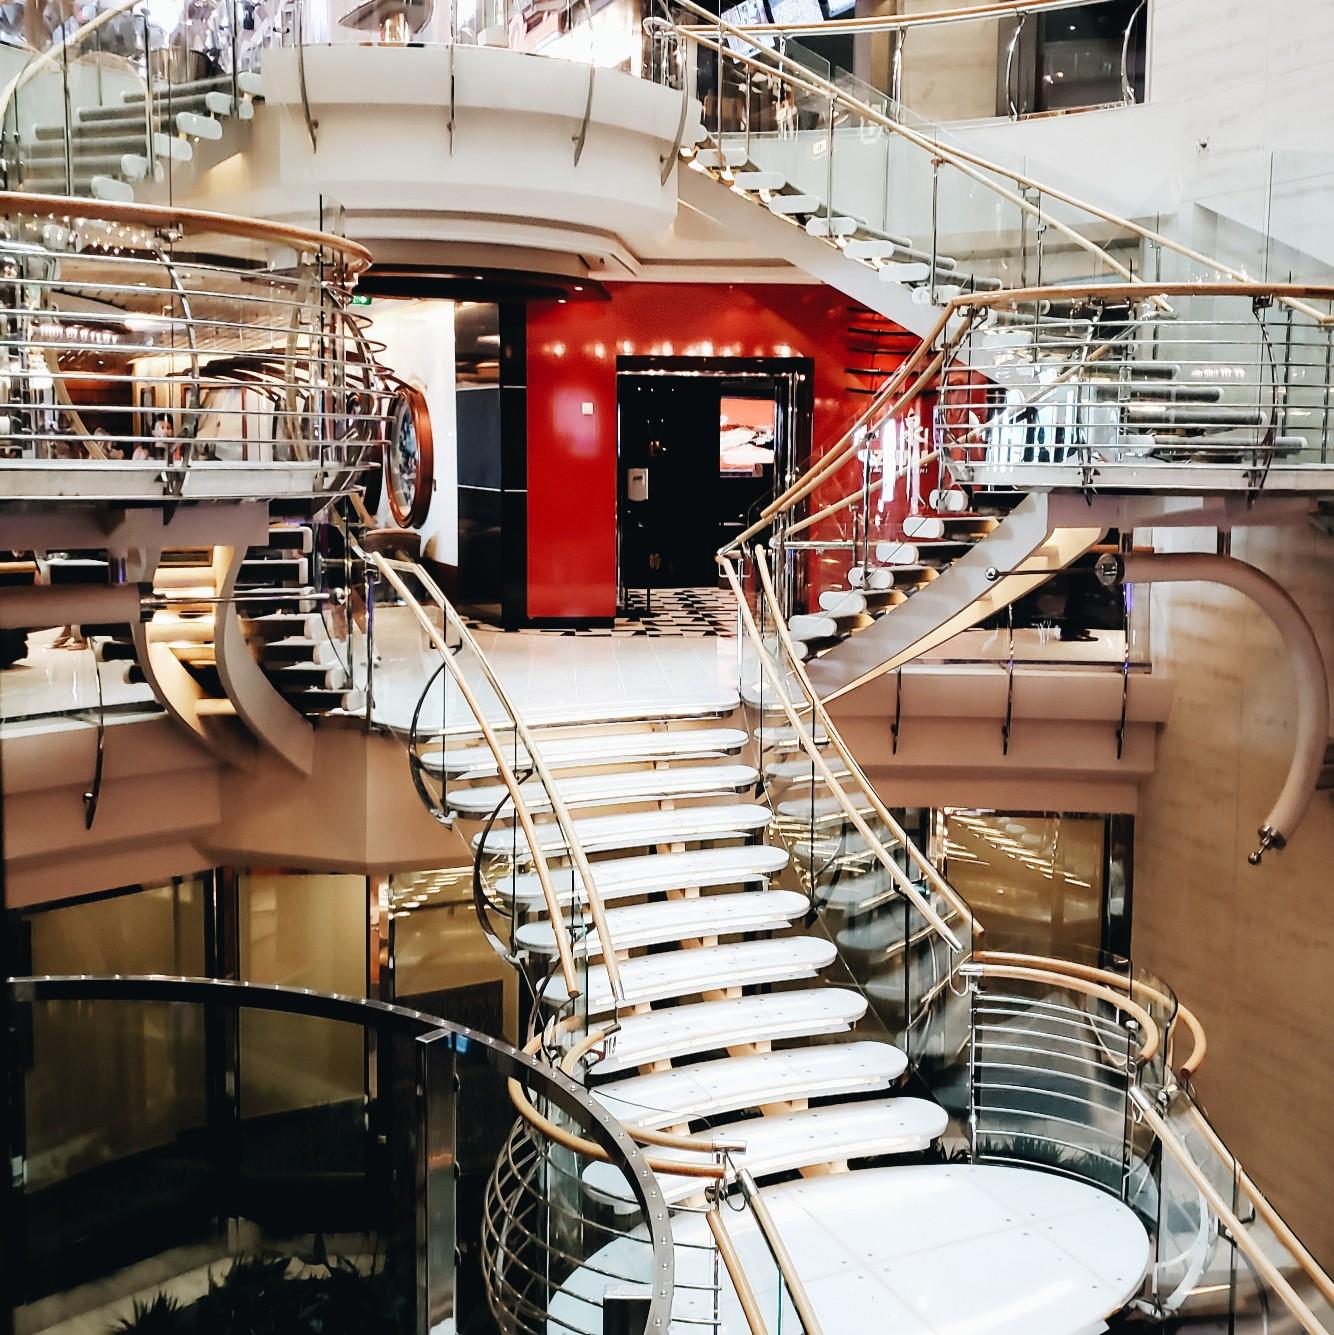 Royal Caribbean Mariner of the Seas Interior